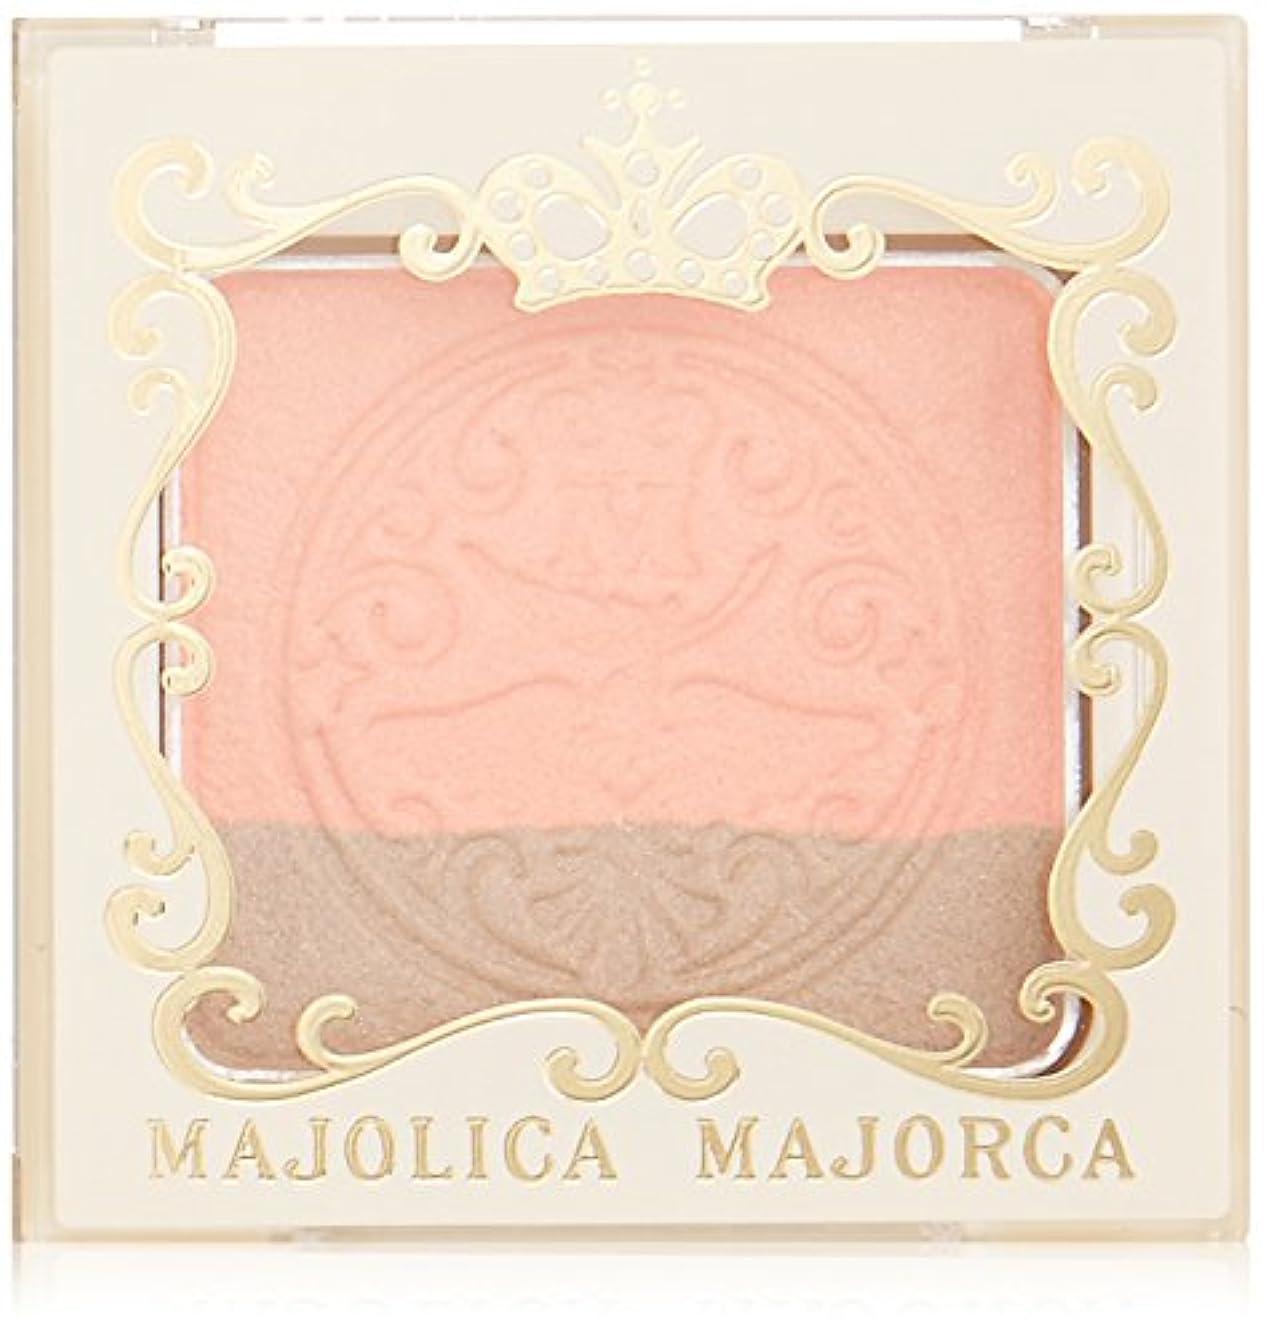 鏡好む請求書マジョリカ マジョルカ オープンユアアイズ OR401 最短距離 (アイシャドウ) 2g